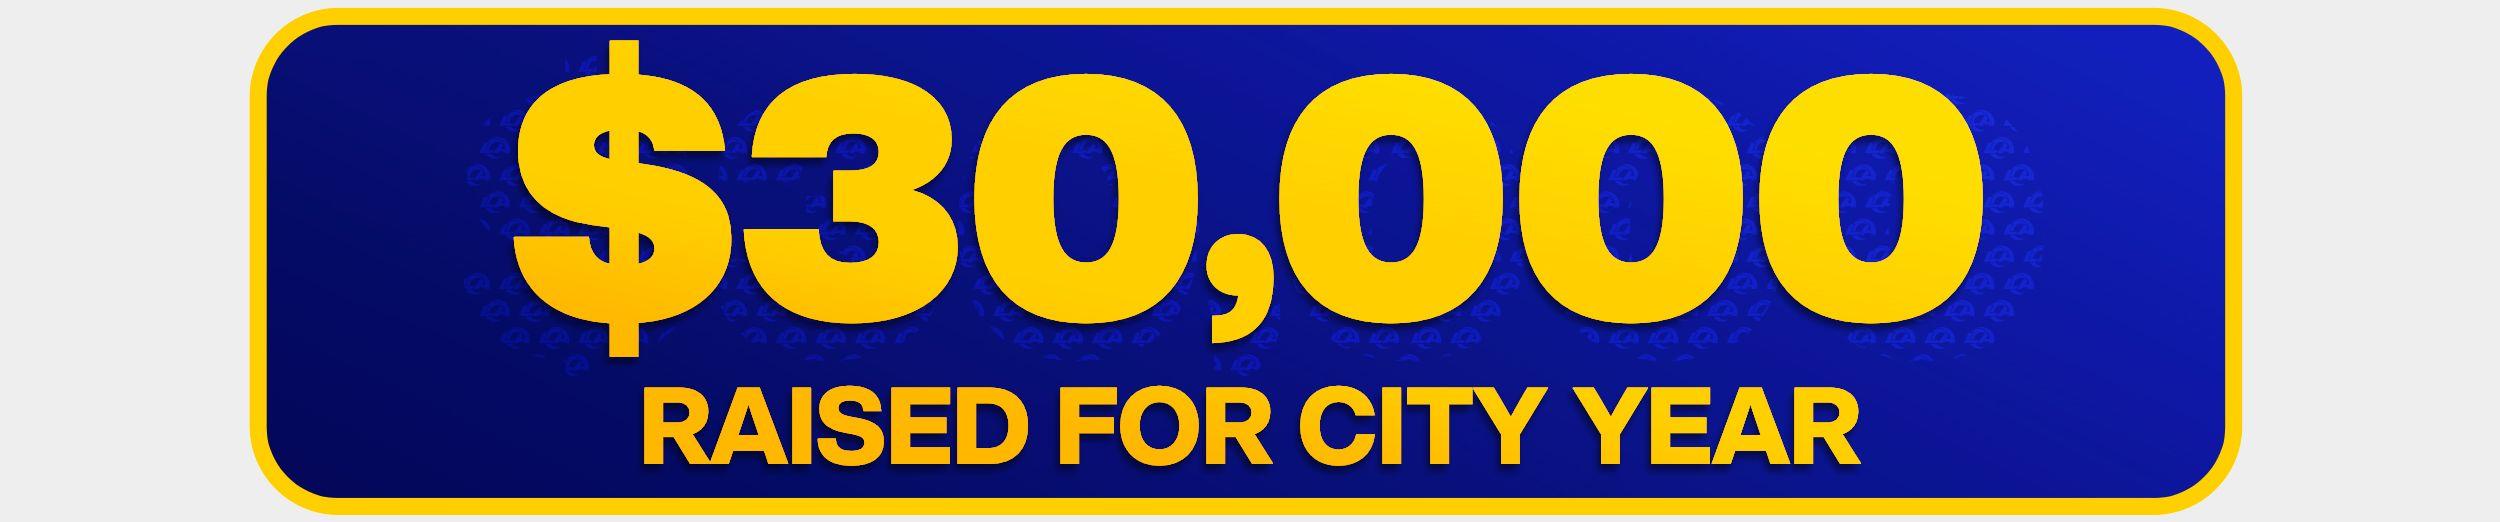 010421-sofitracker30